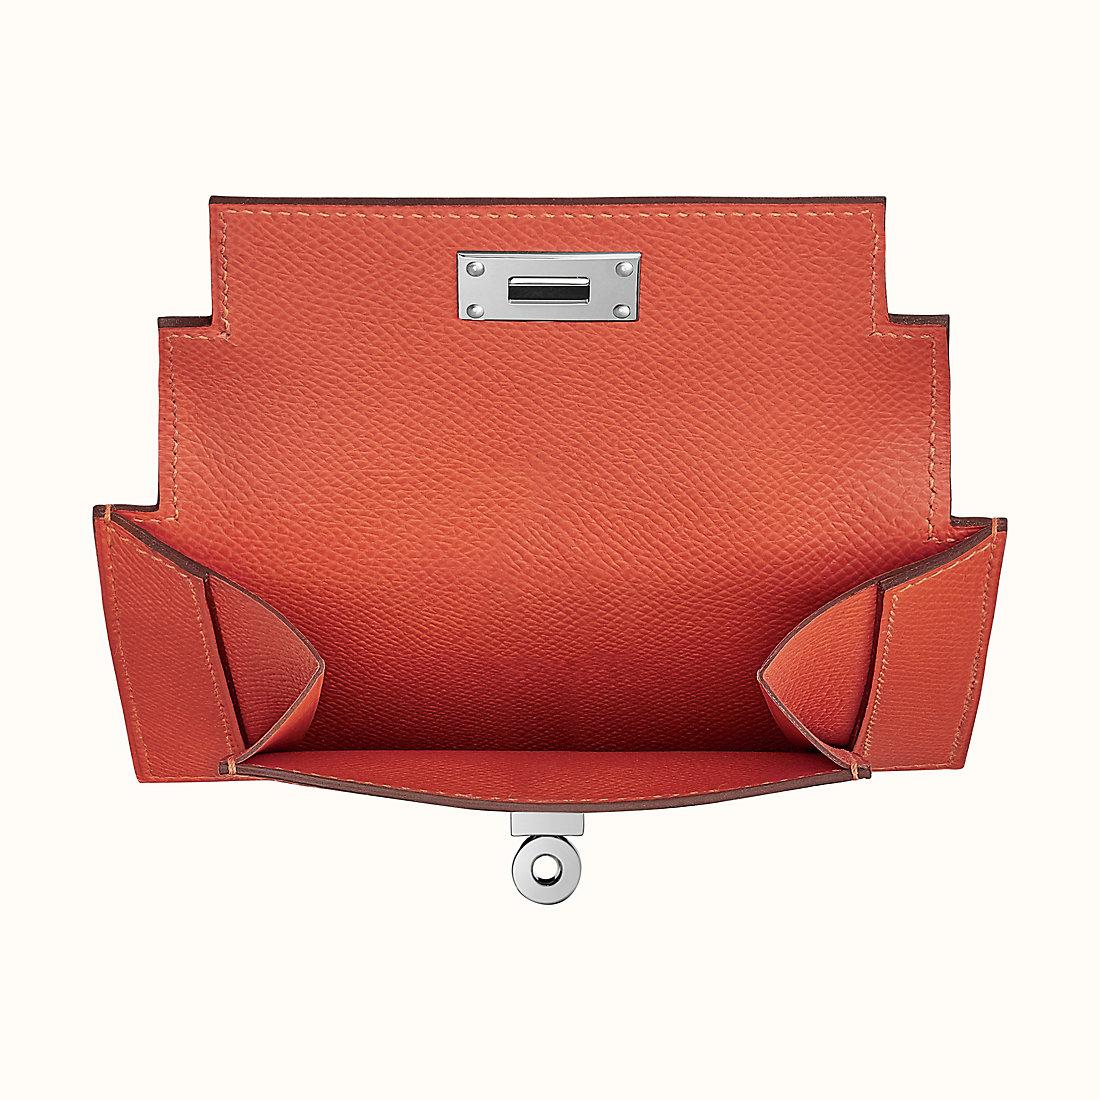 Hong Kong Hermes Kelly pocket compact wallet 短錢包 R1 紅土色